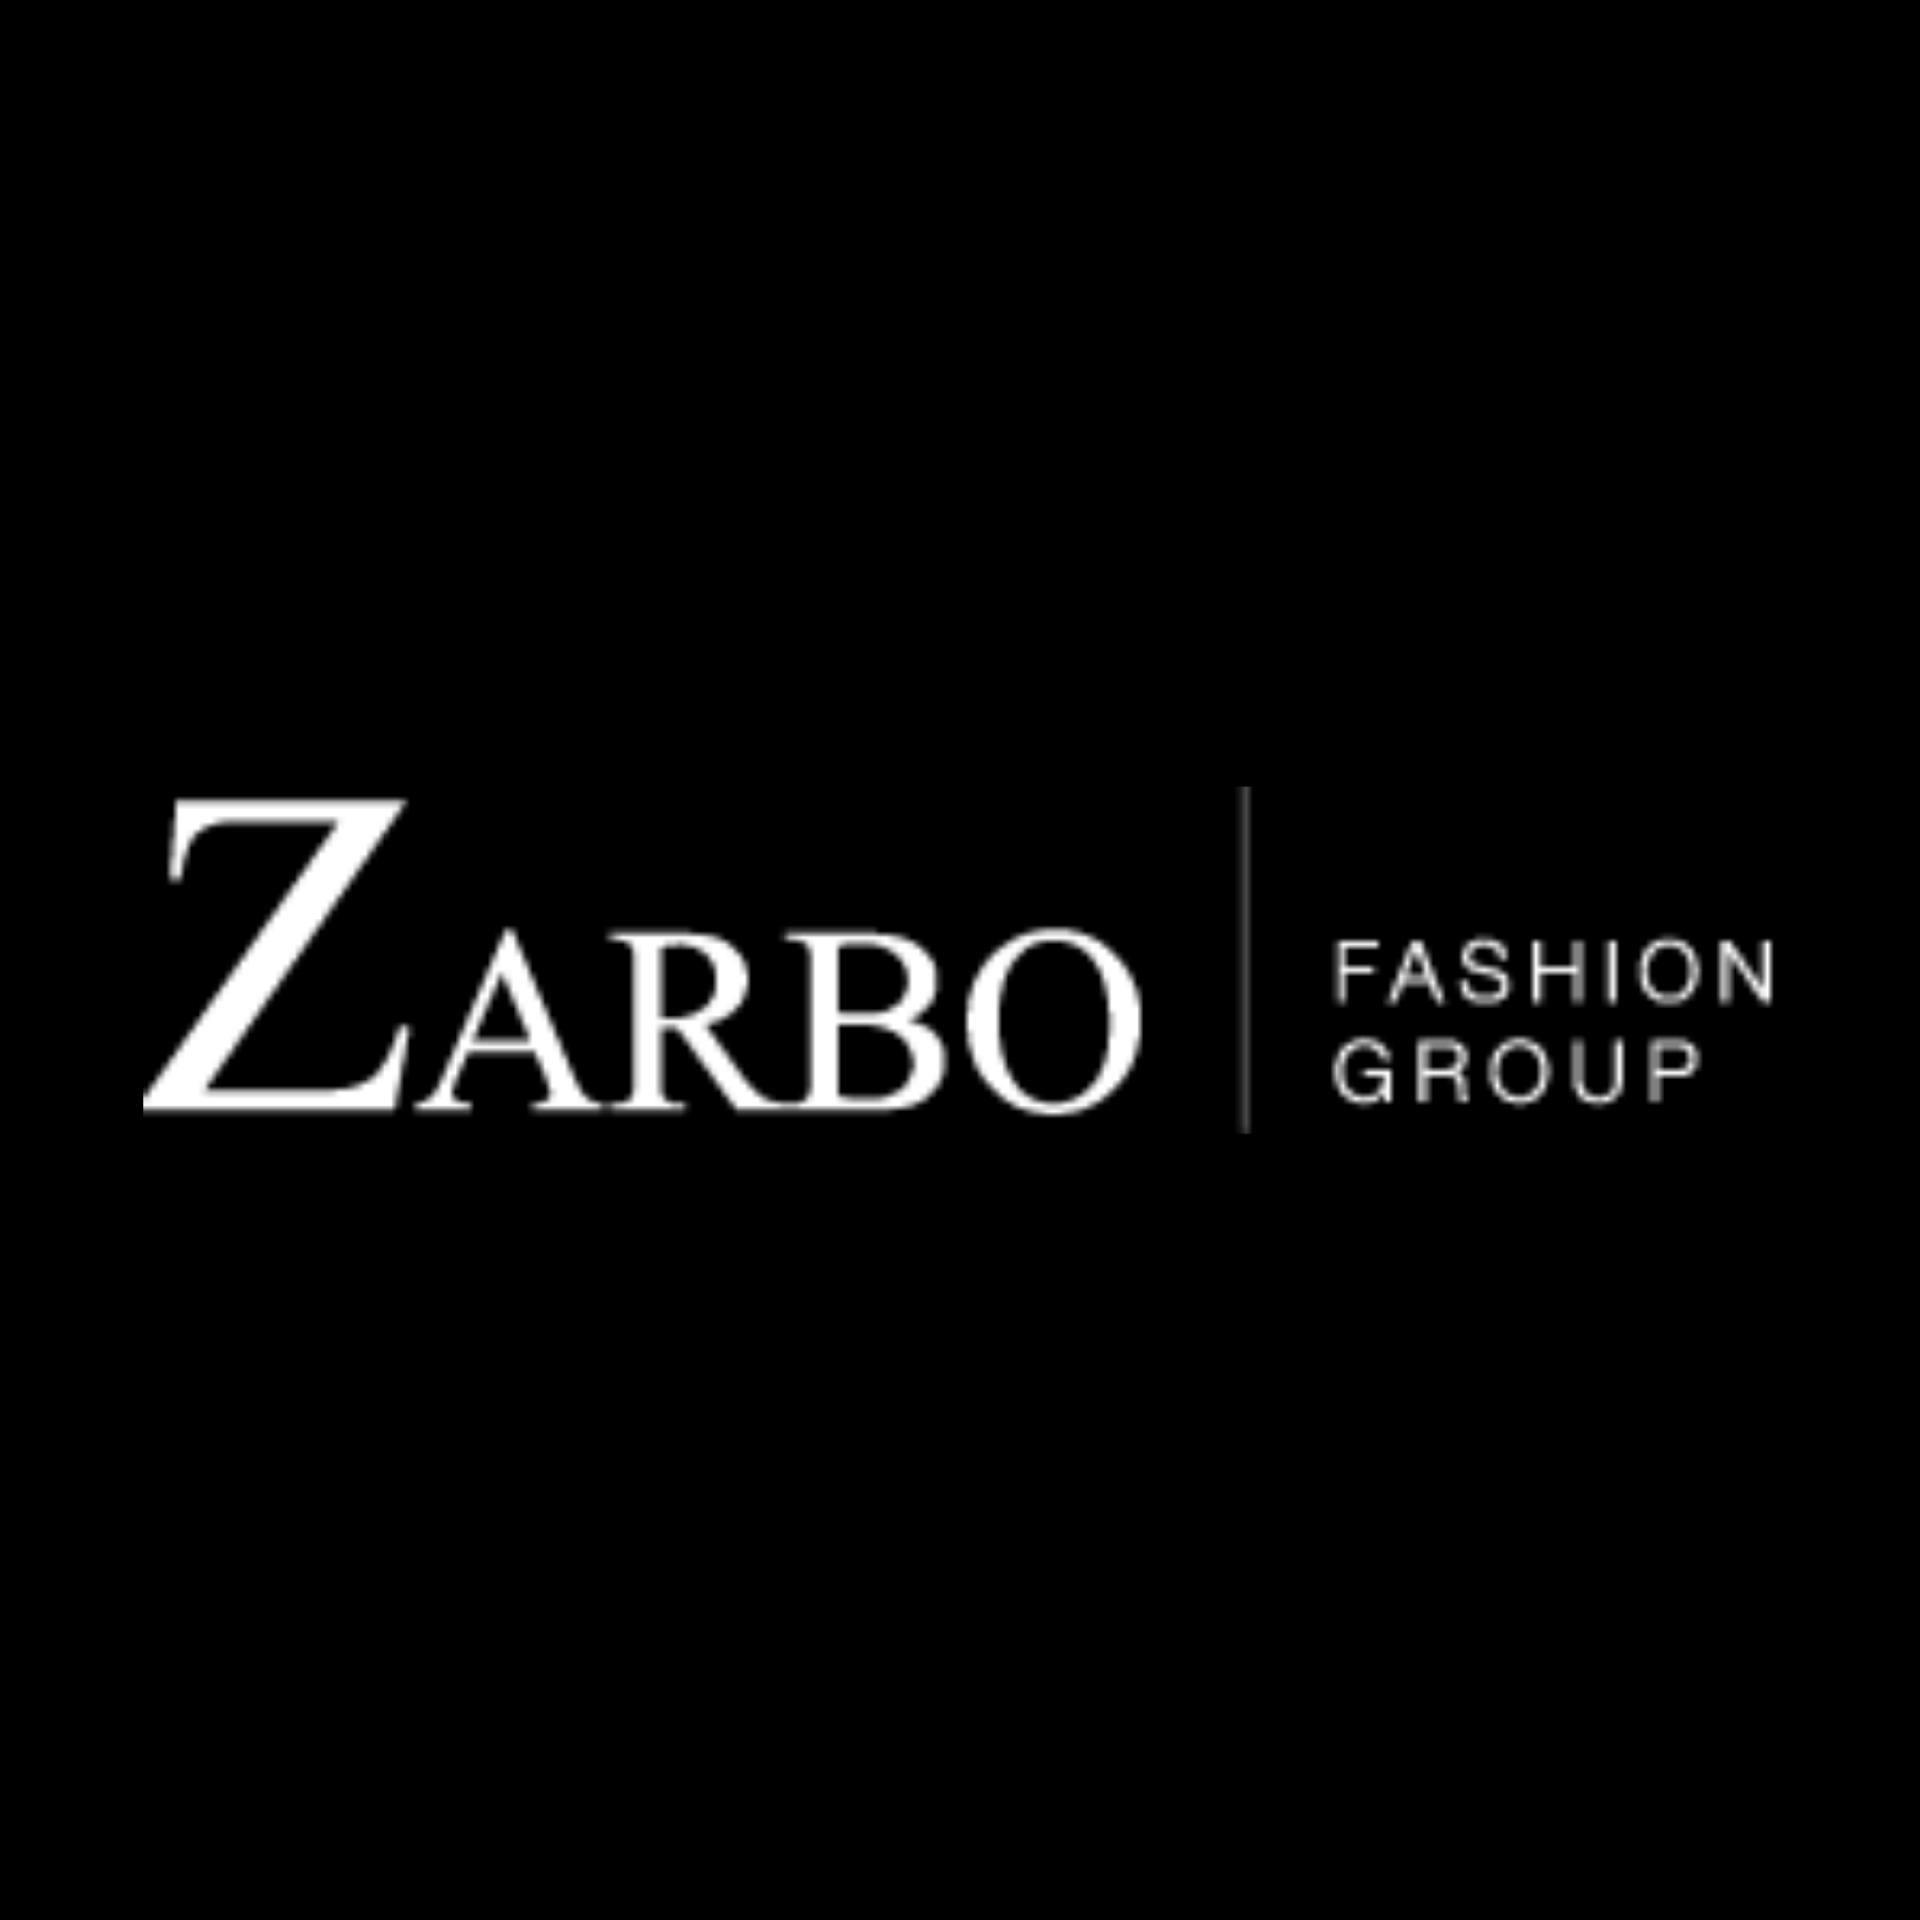 Zarbo